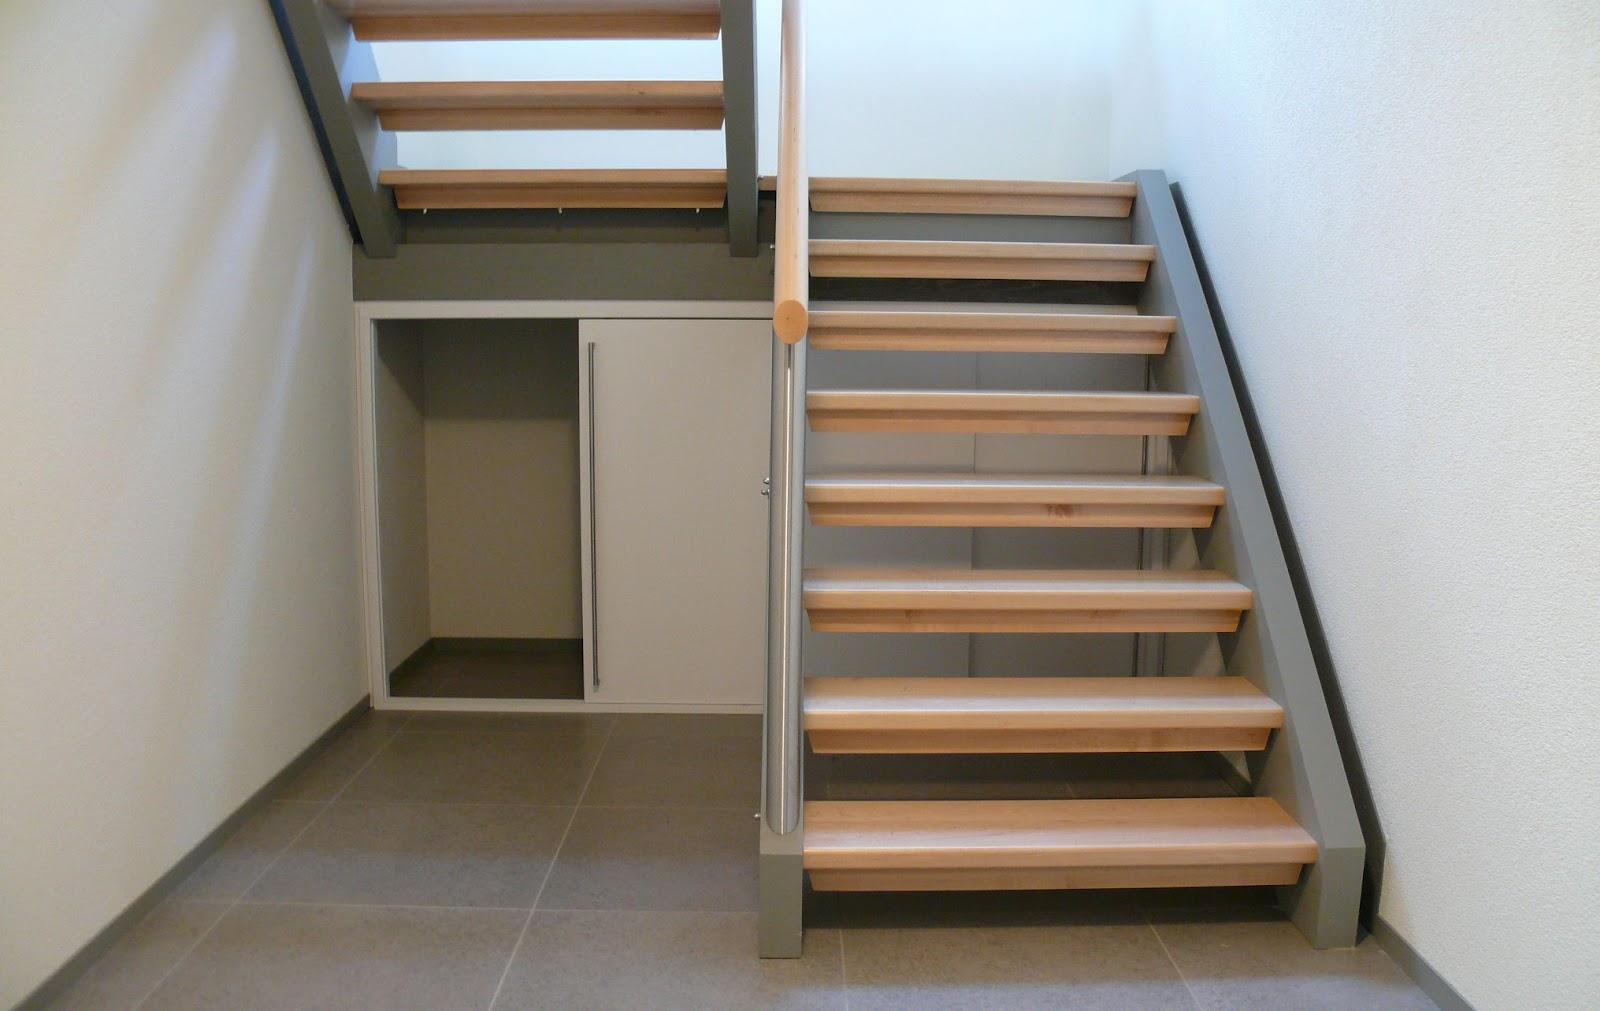 Innenarchitektur Schrank Unter Treppe Kaufen Foto Von Ein Huf Fuer Itz Jetzt Wird Es